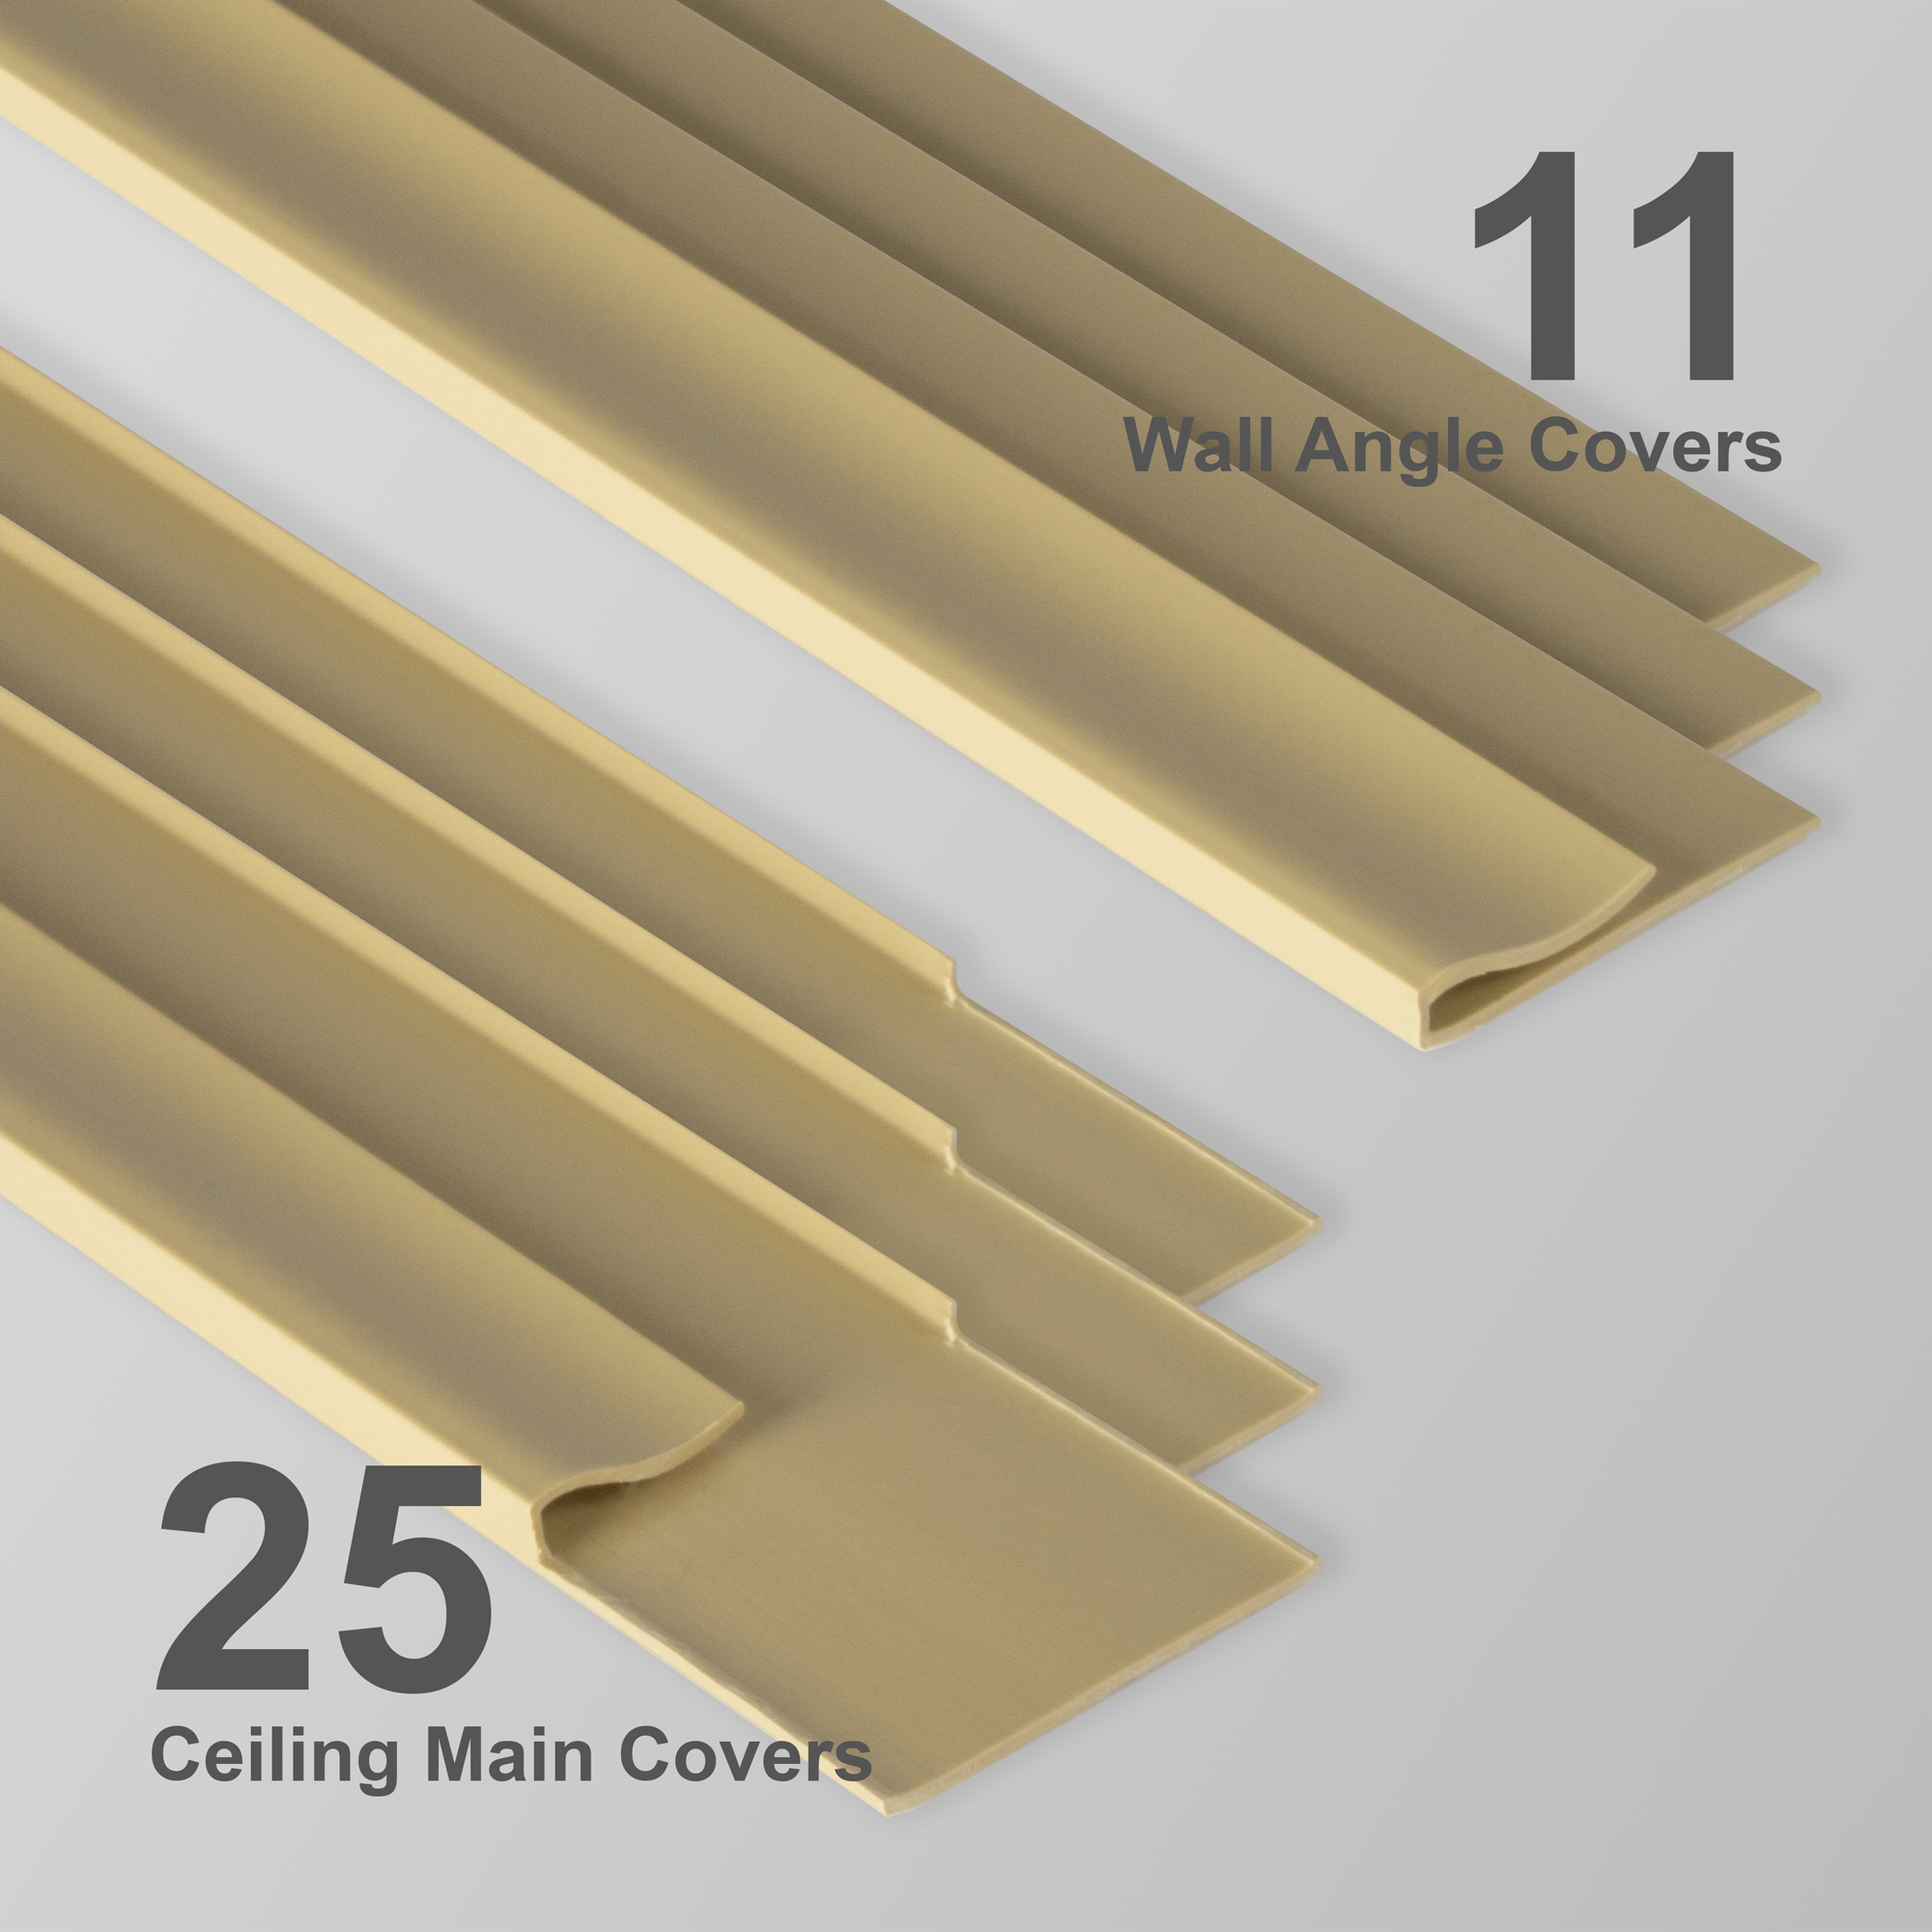 EZ-On Grid Cover Kit